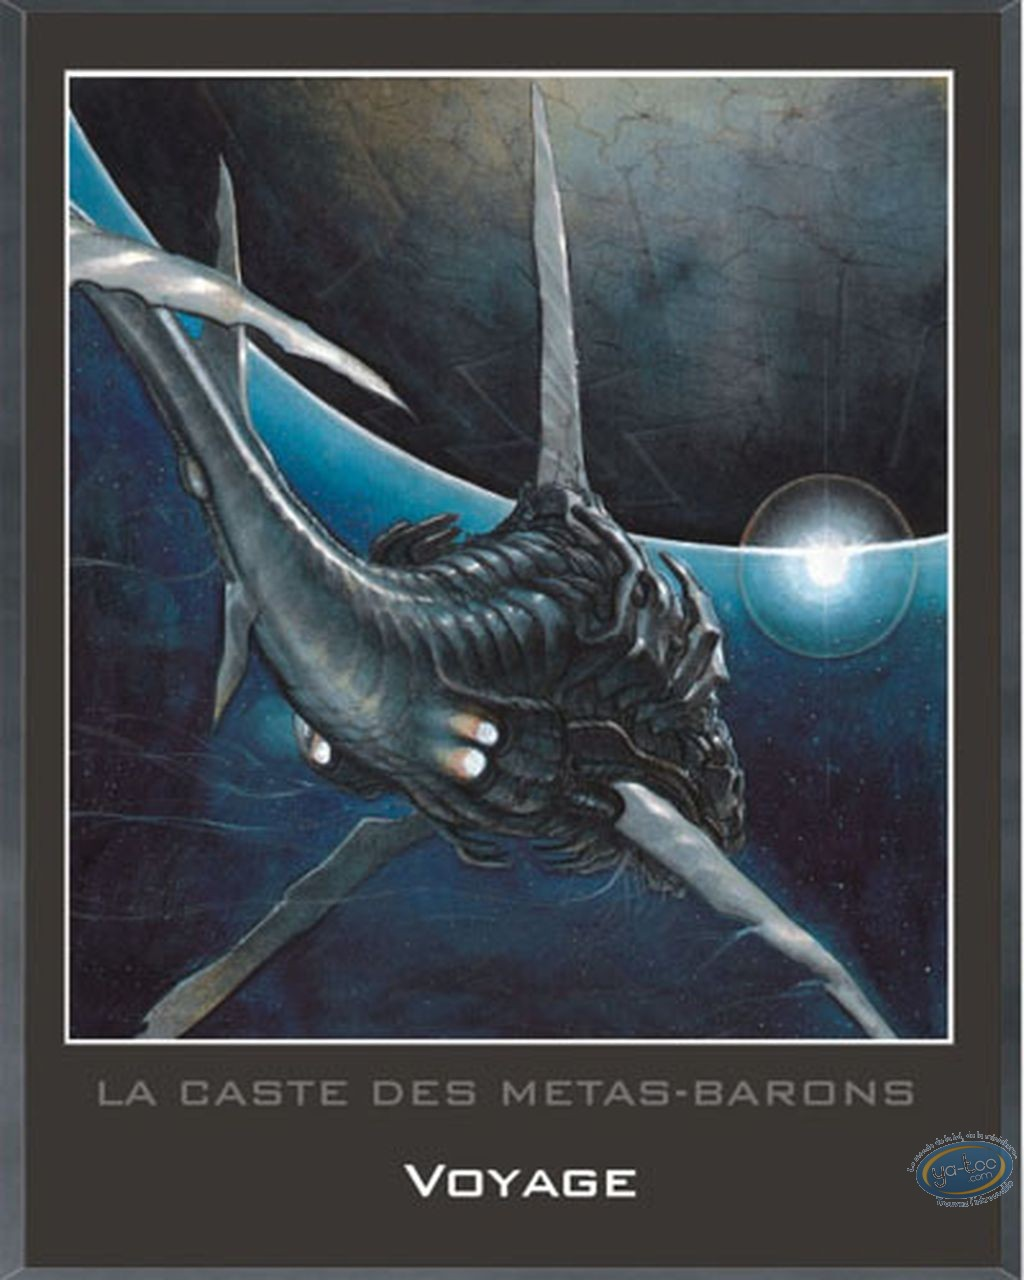 Affiche Offset, Caste des Métas-Barons (La) : Cadre en bois, Voyage